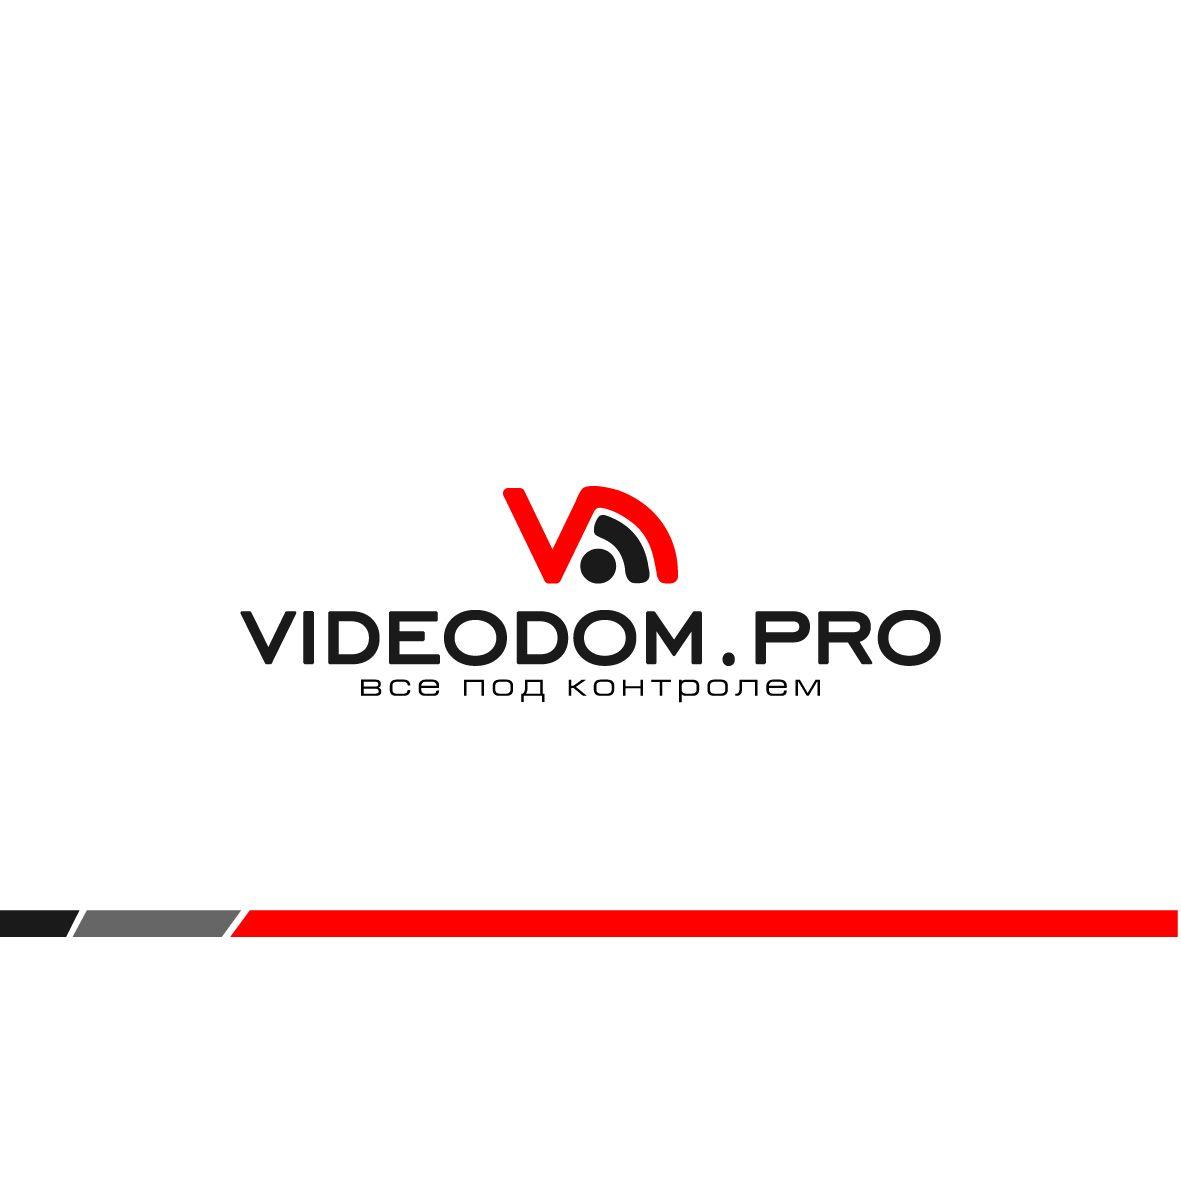 Логотип для videodom.pro - дизайнер Korish